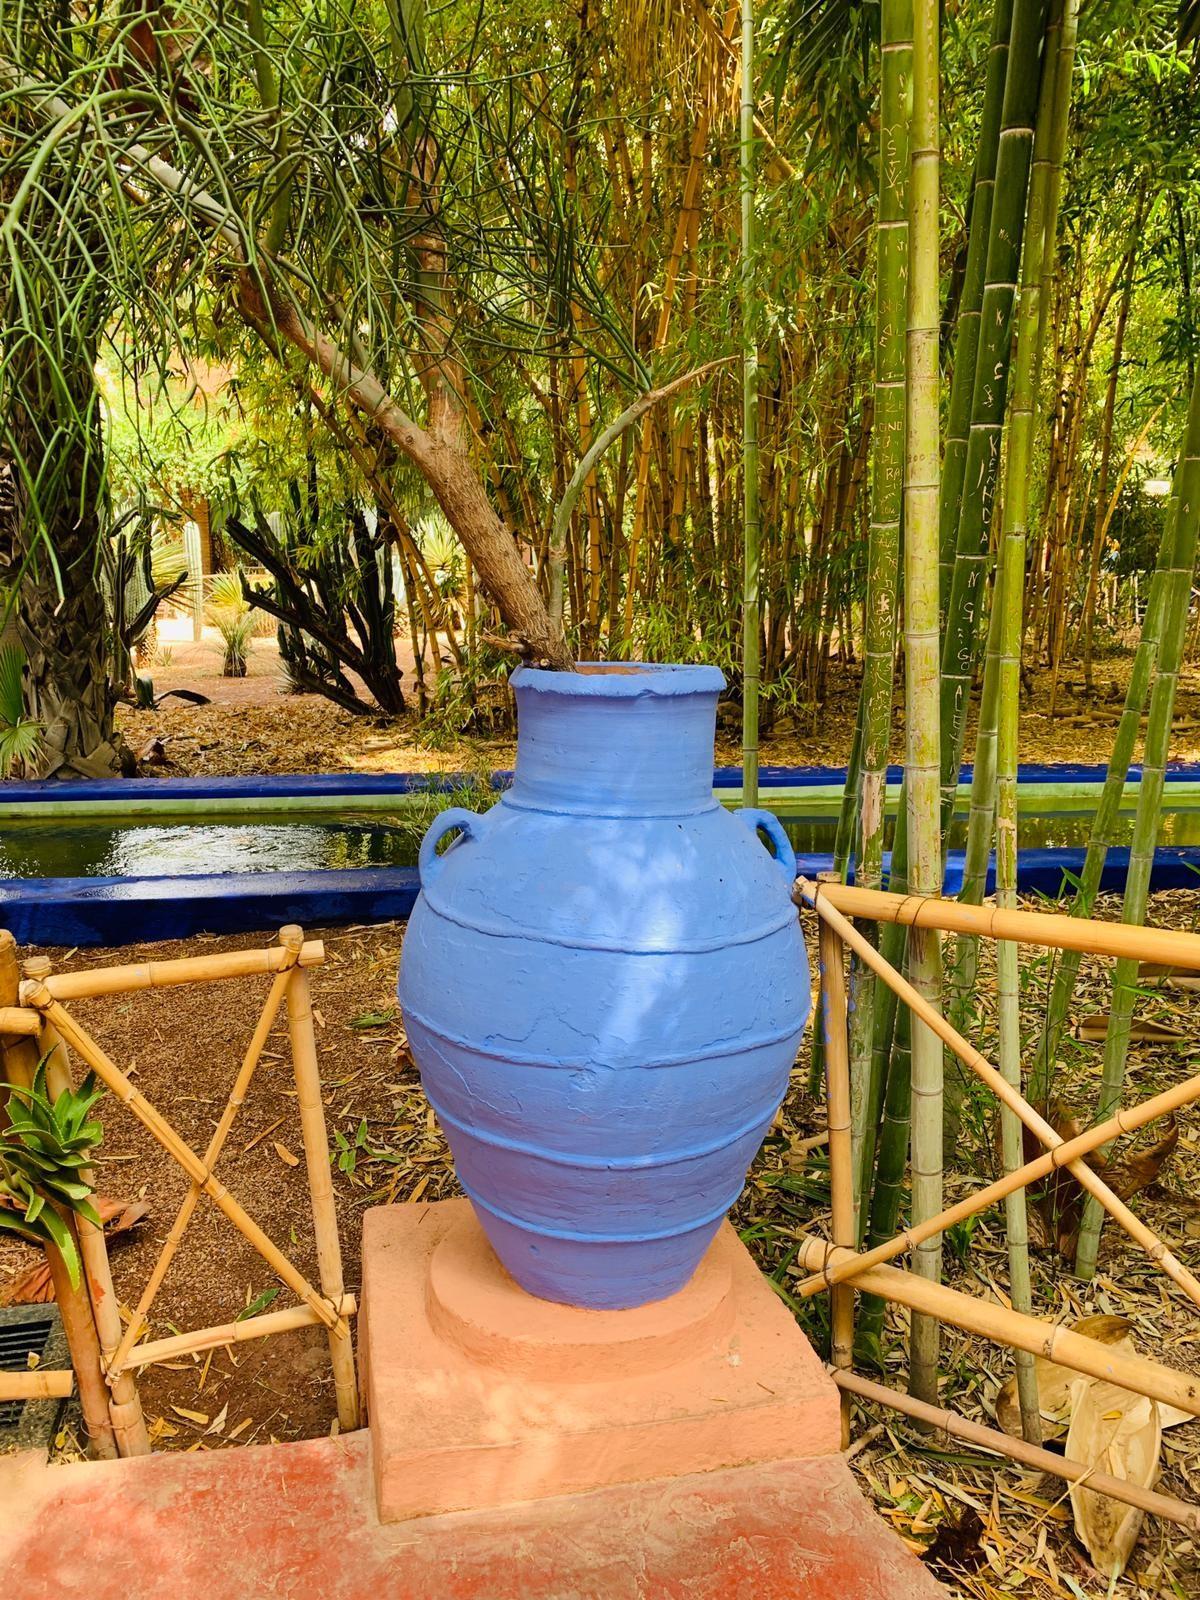 Around the world with Unique Estates - Vesela Ilieva in Marrakech